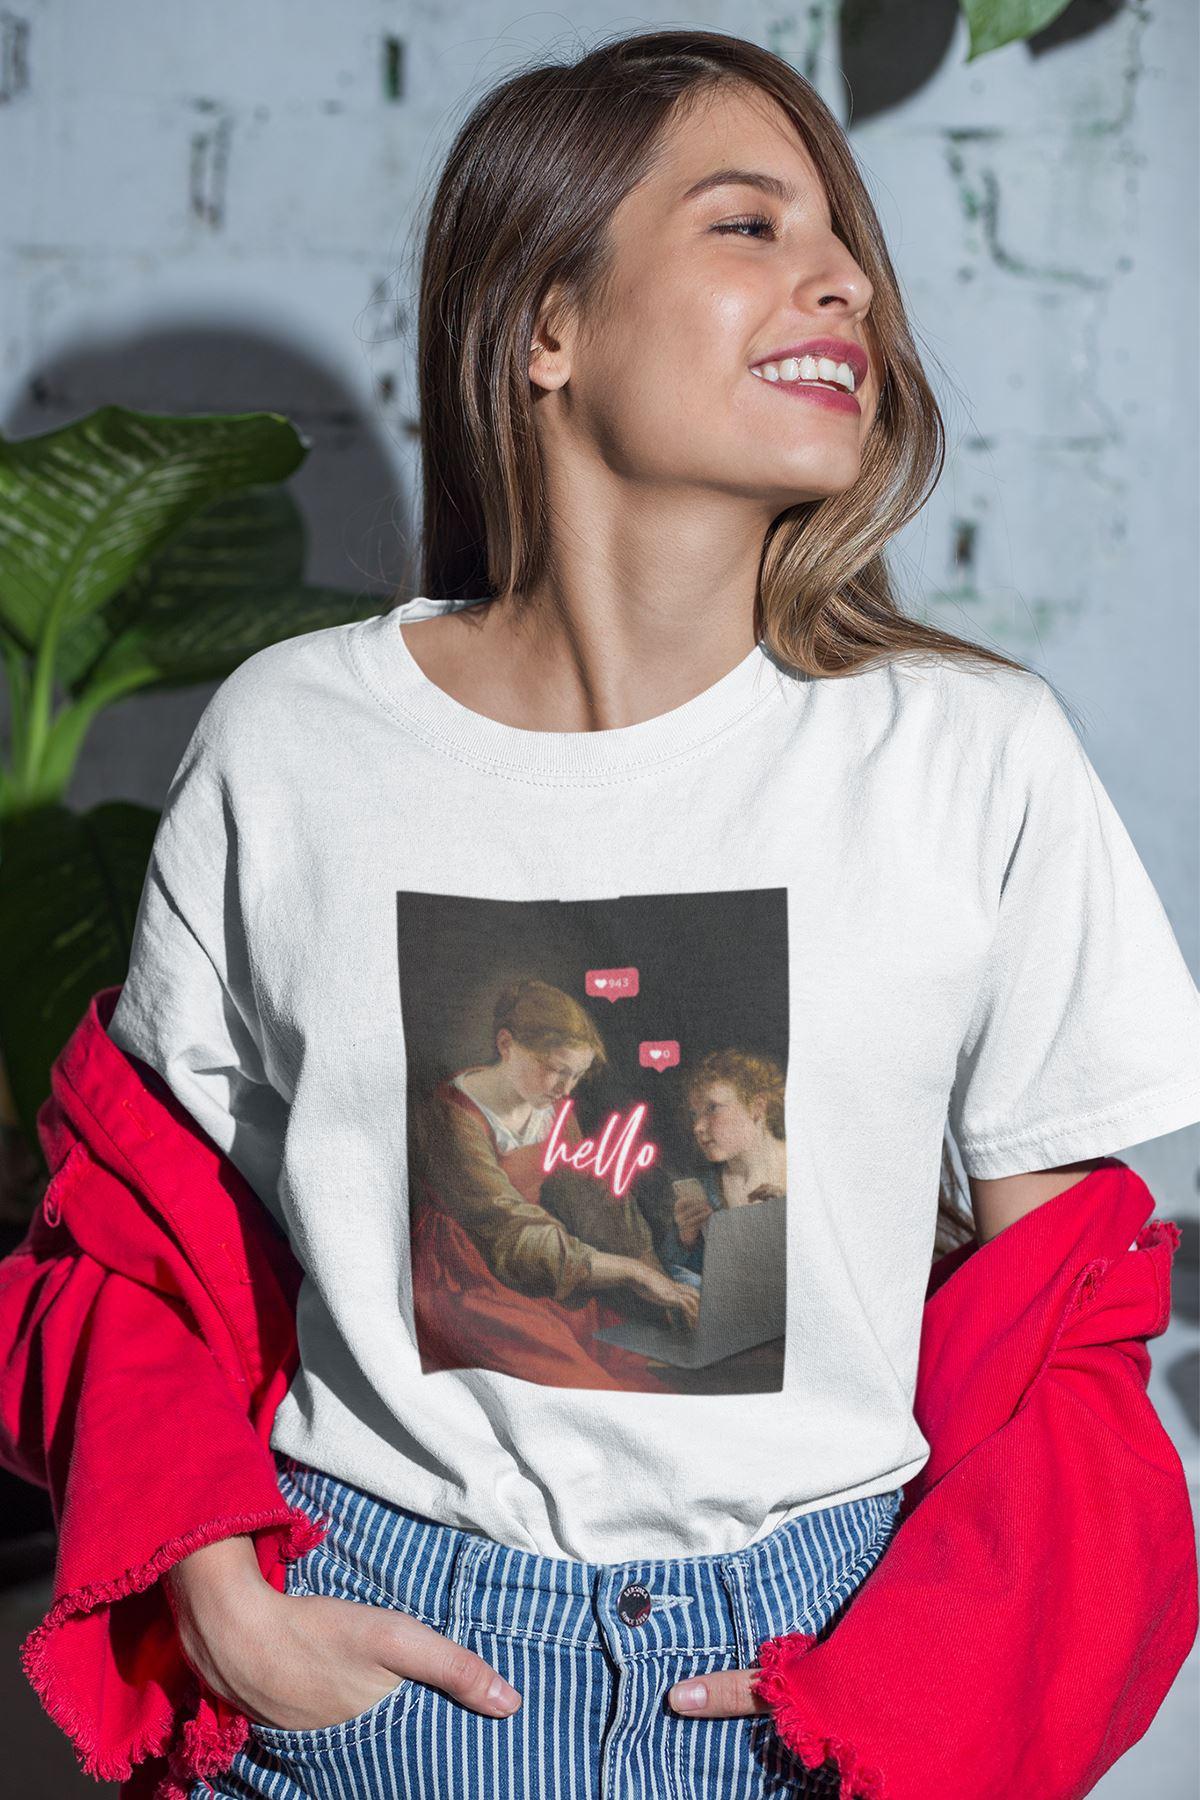 Hello Beyaz Boyfriend Kadın Tshirt - Tişört